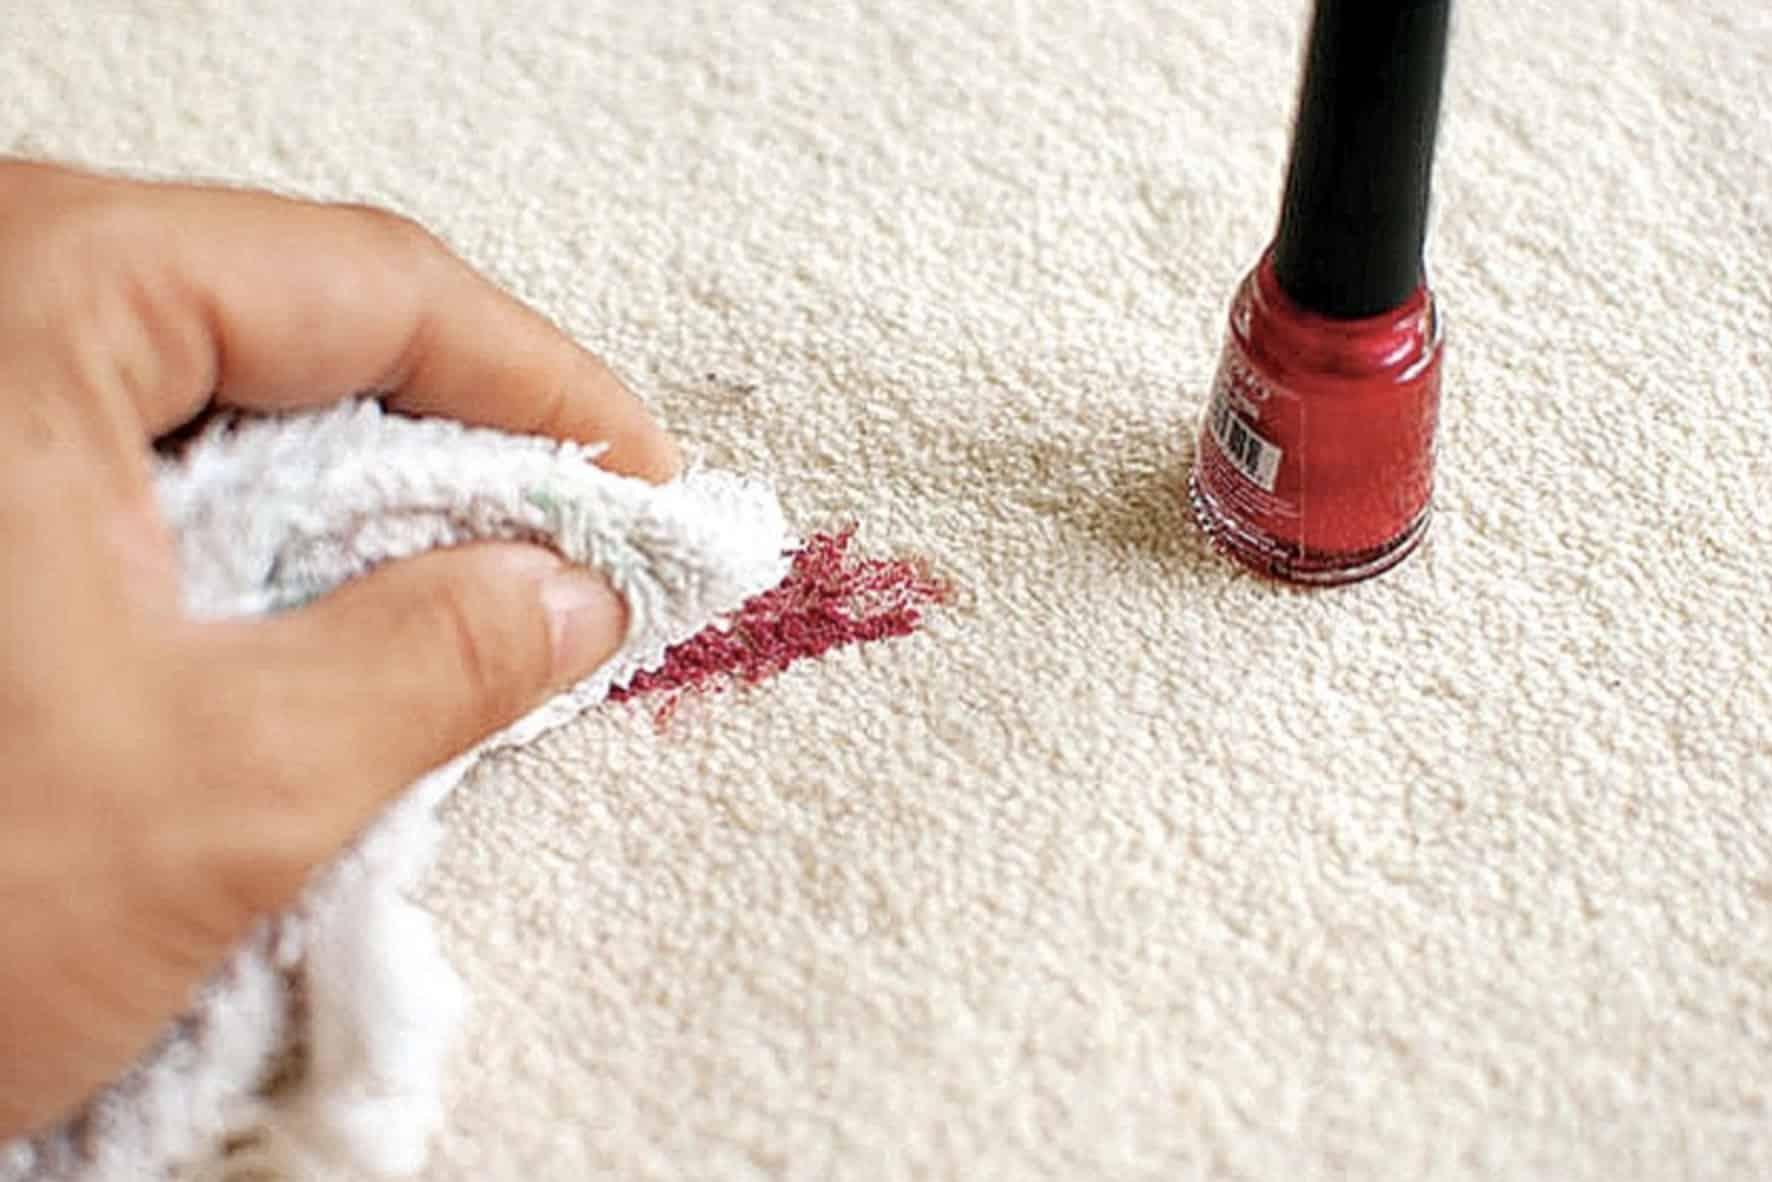 Remove Nail Polish from Carpet